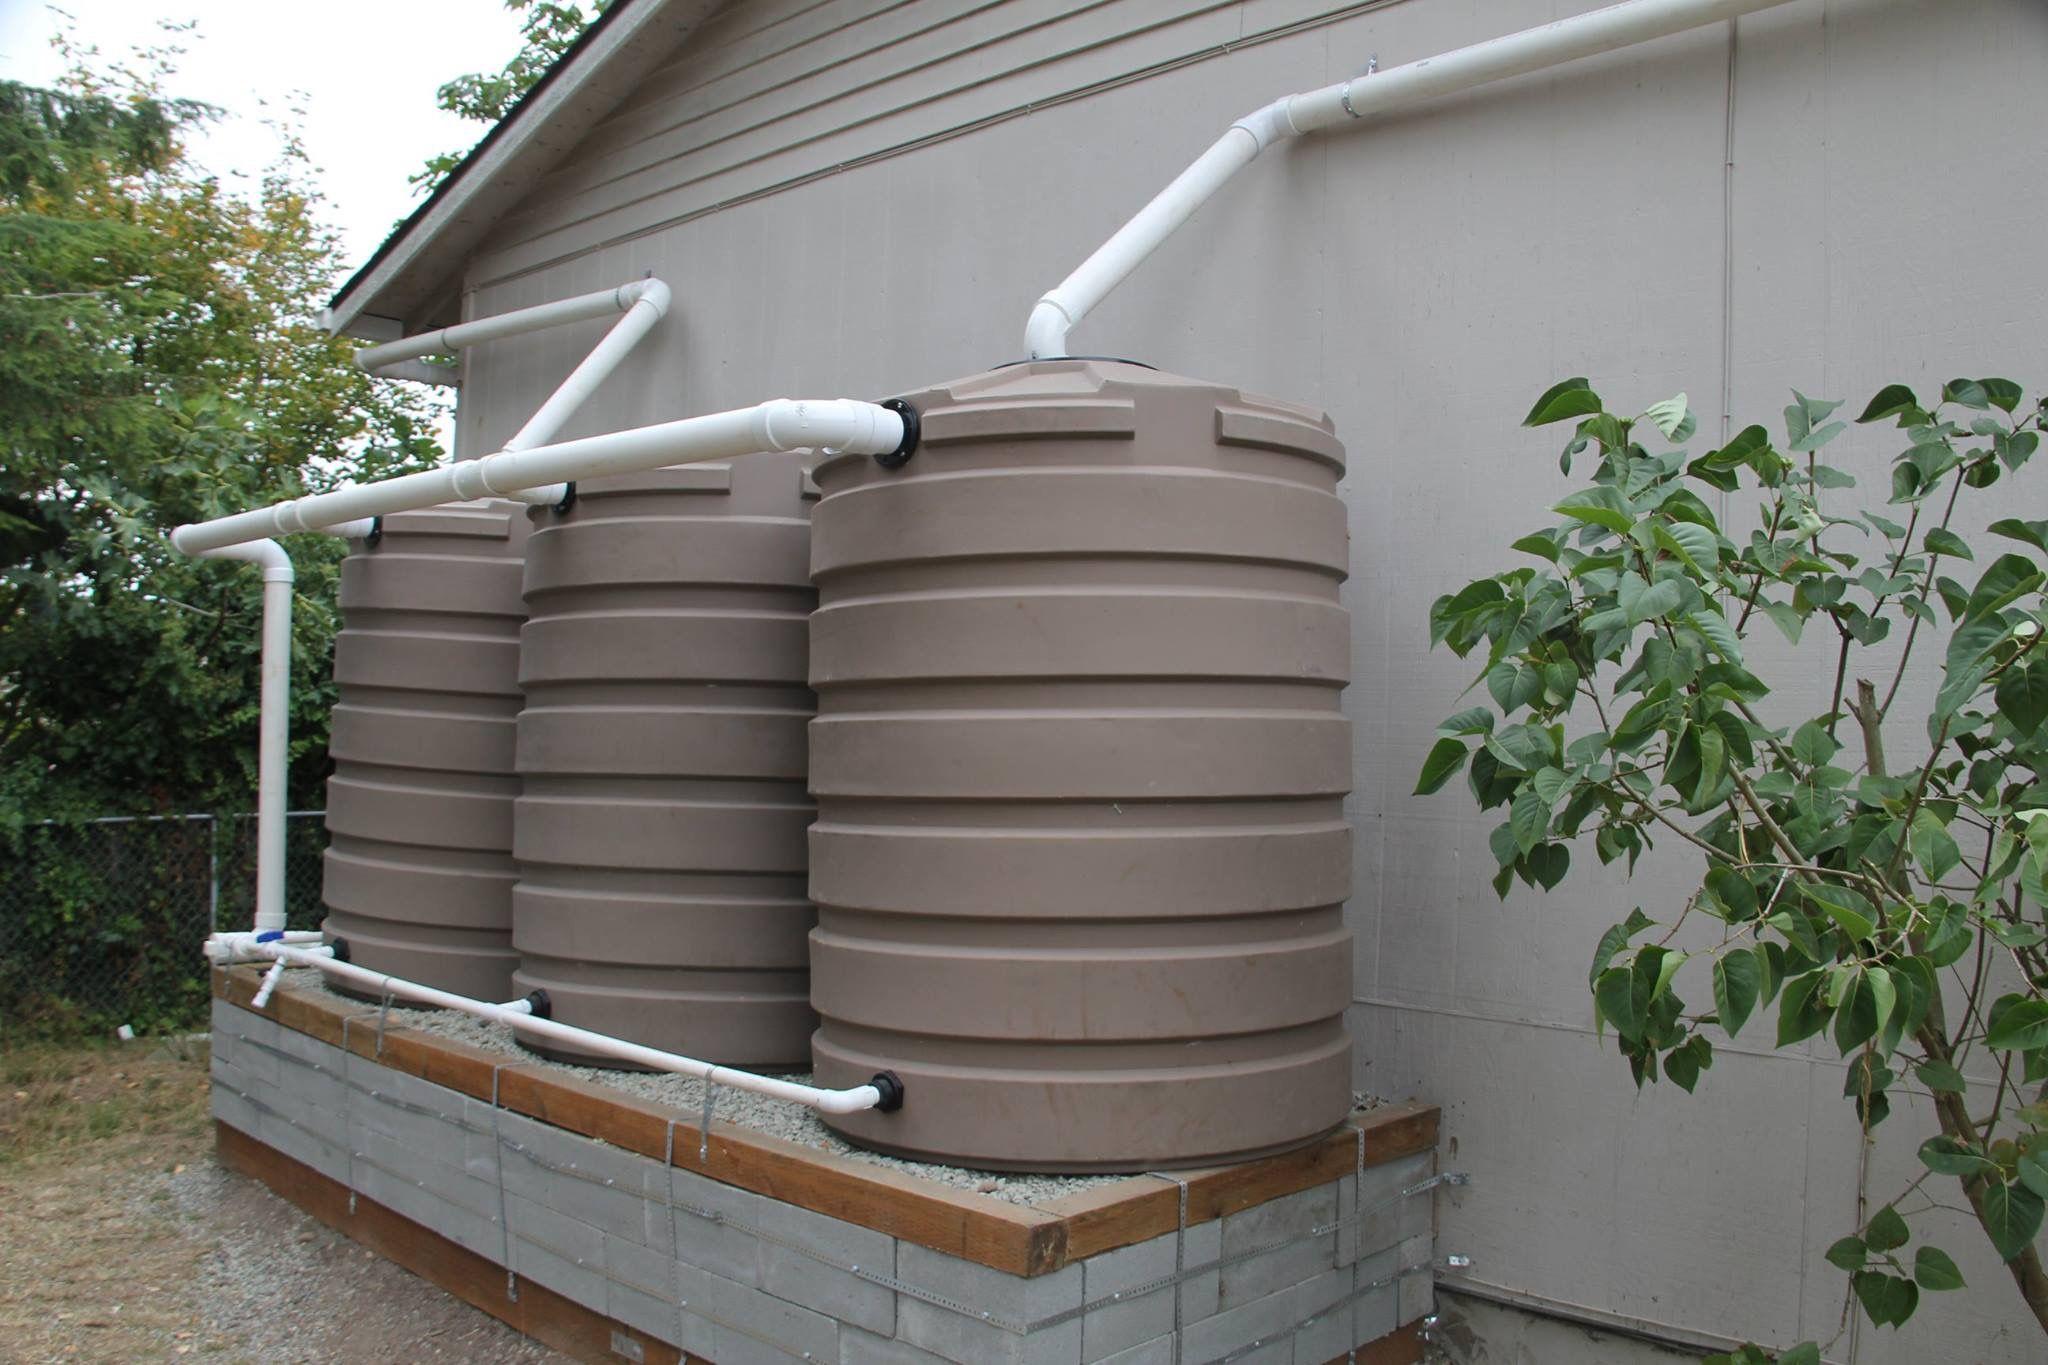 Rainwaterharvesting And Rainwise Installation In West Seattle 3